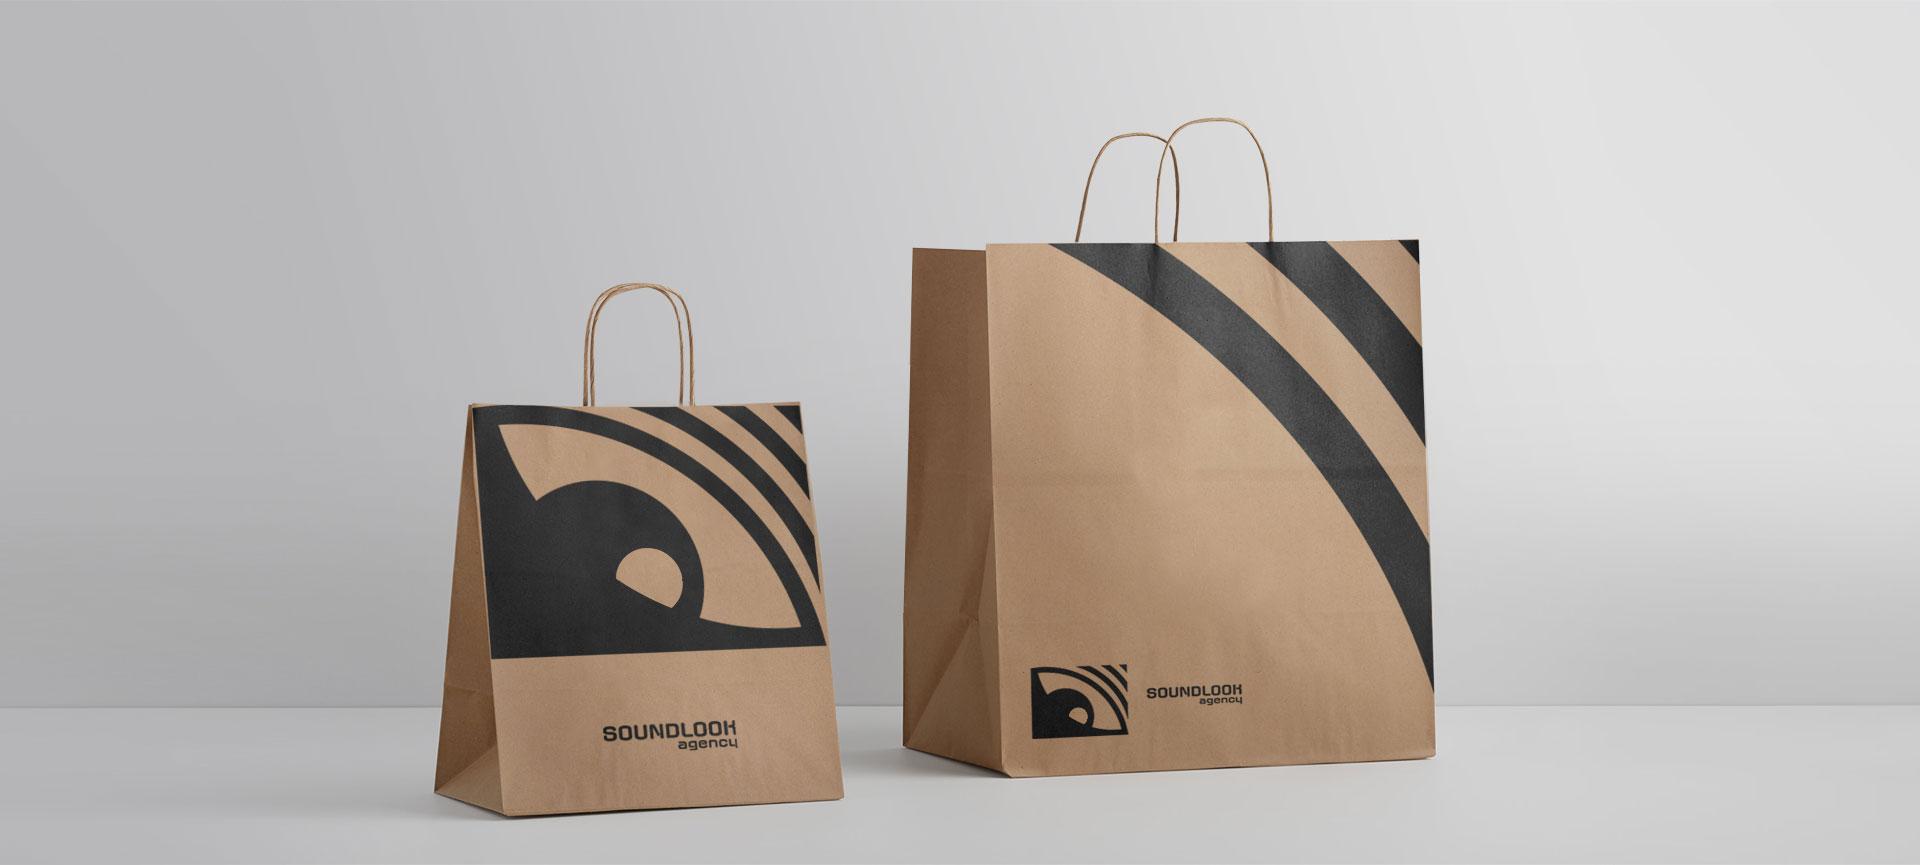 Soundlook-дизайн-сувенирной-продукции